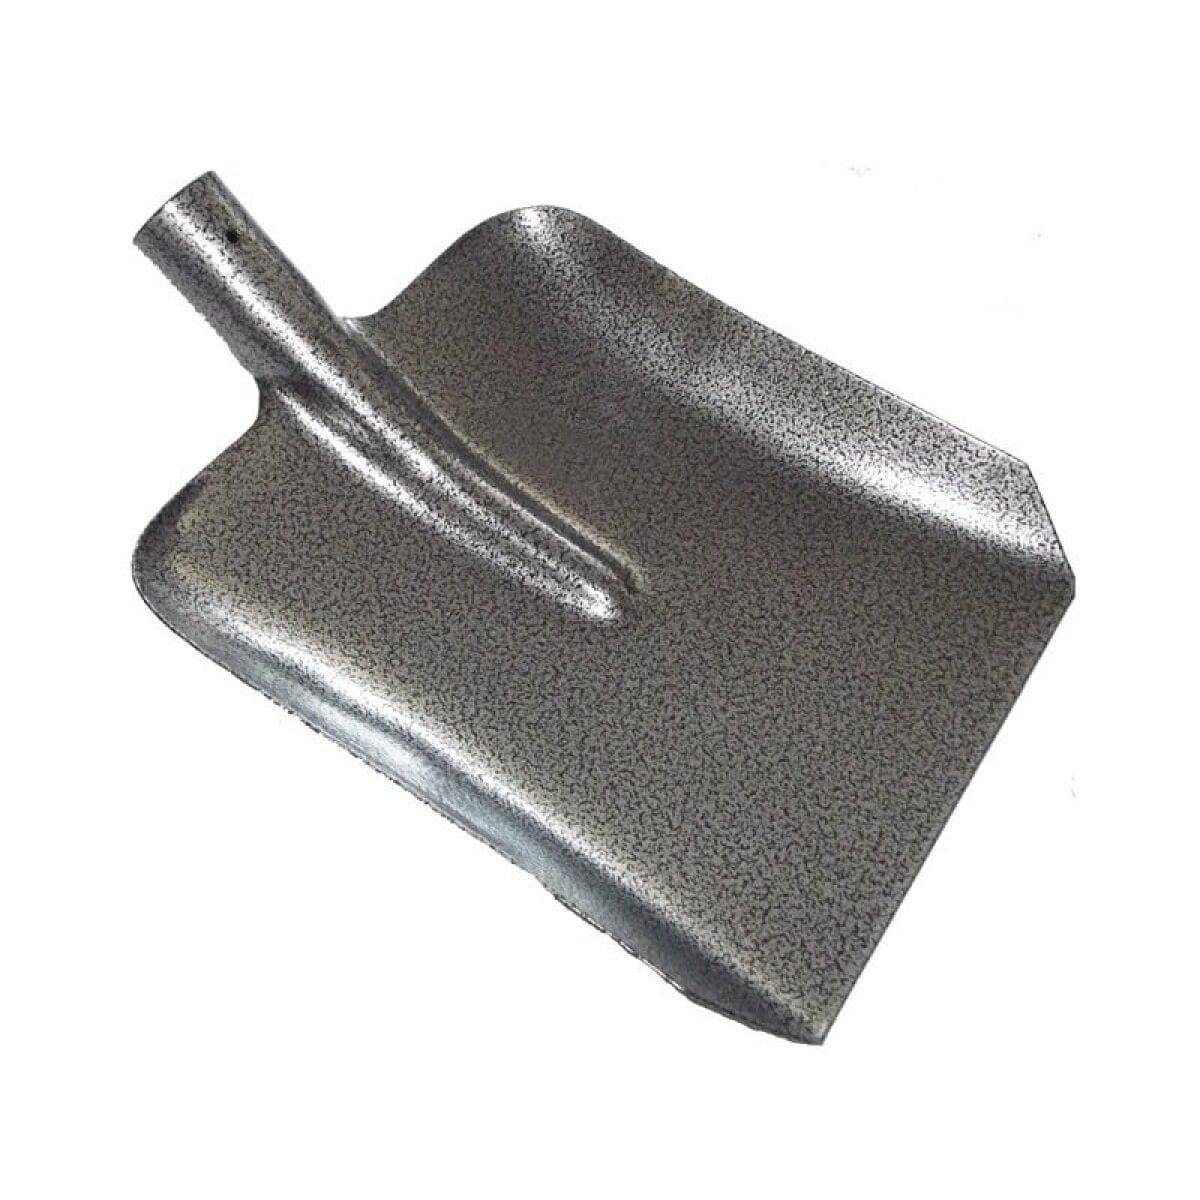 lopata patrata s551 270x233 mm tip c padure gardina.ro 88